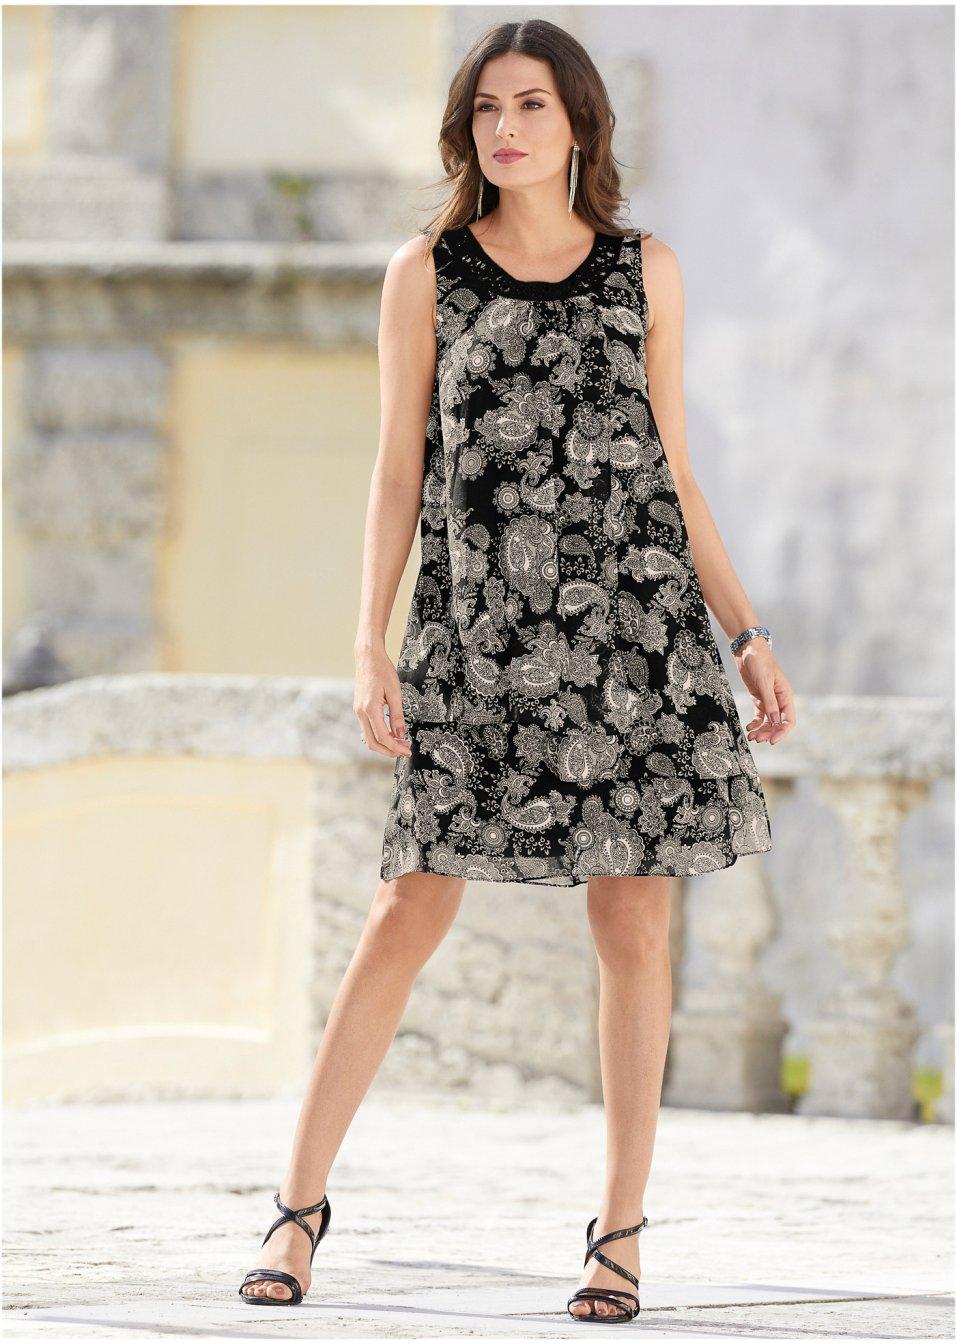 sale: trendige kleider zu reduzierten preisen | bonprix